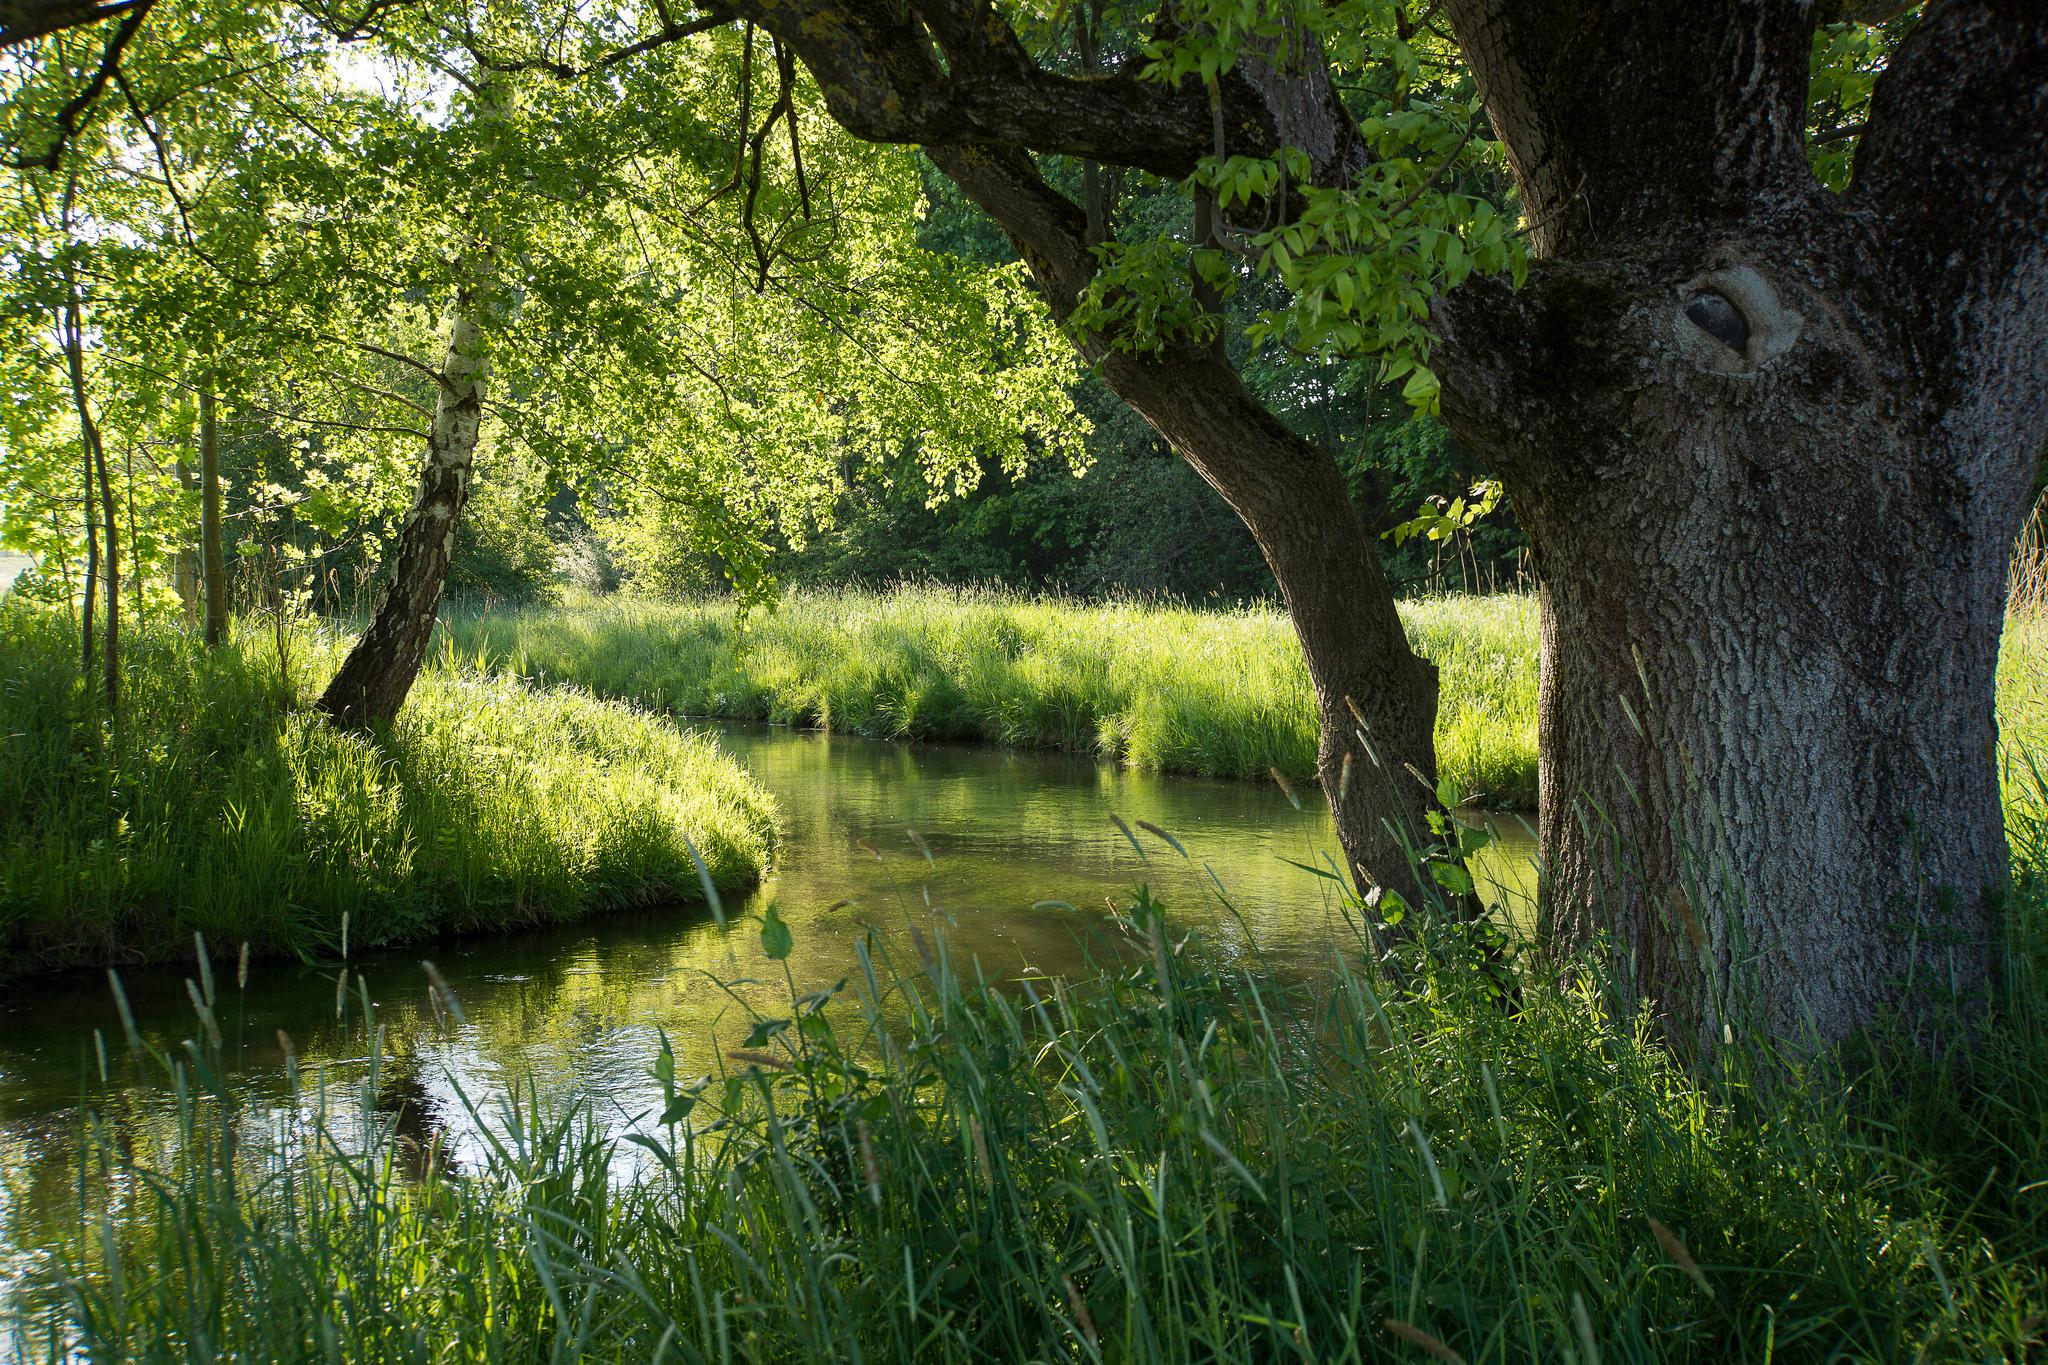 река лес  № 2789148 загрузить